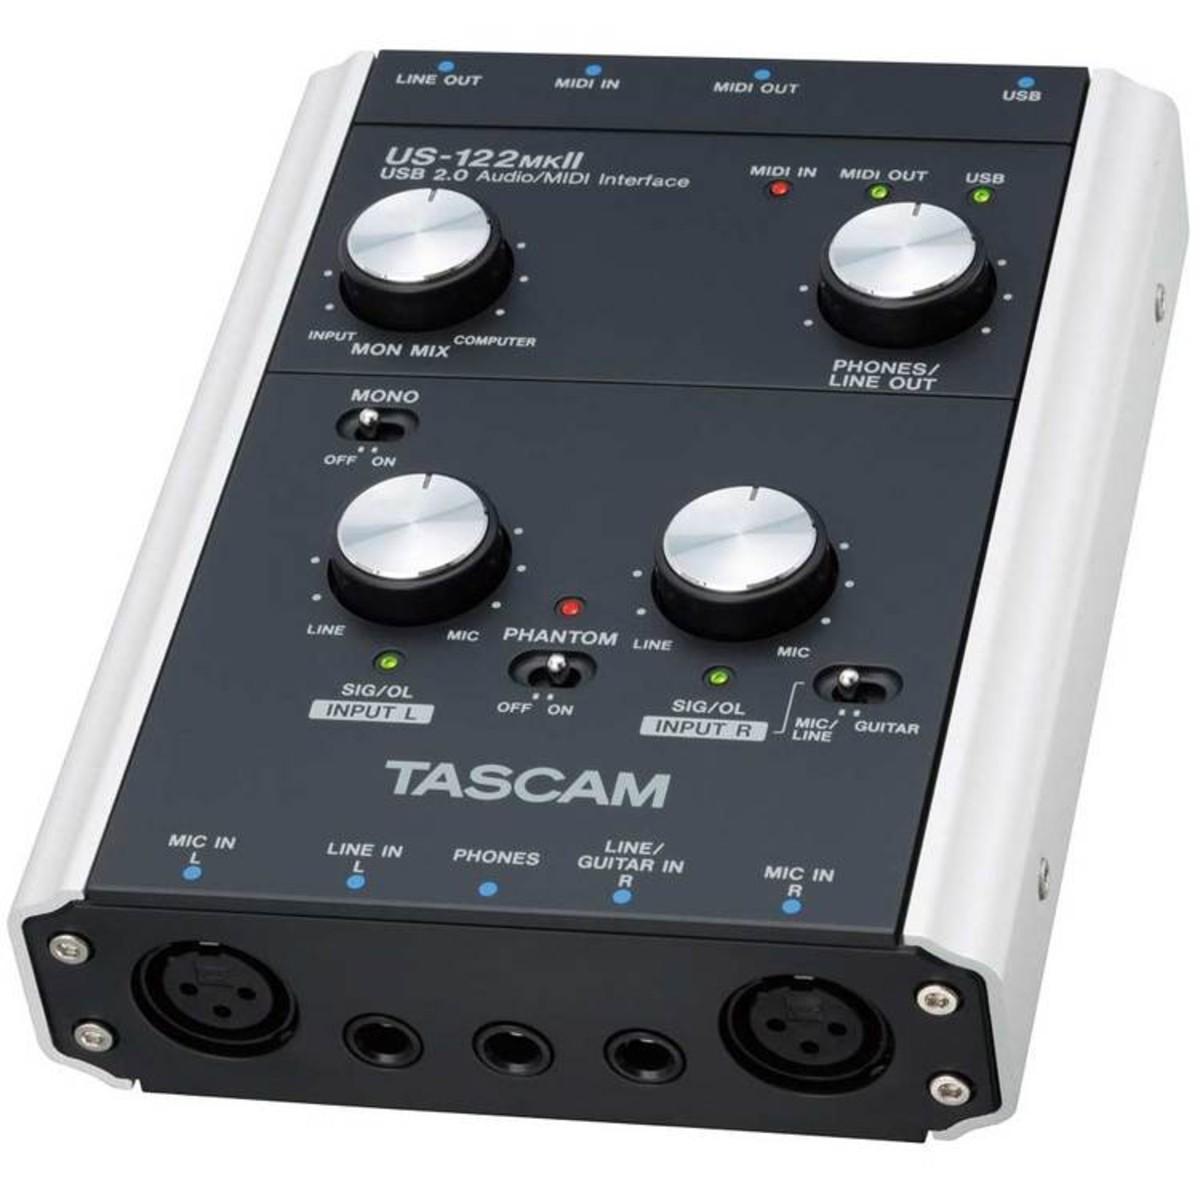 TASCAM US 122 MK2 TREIBER WINDOWS 8